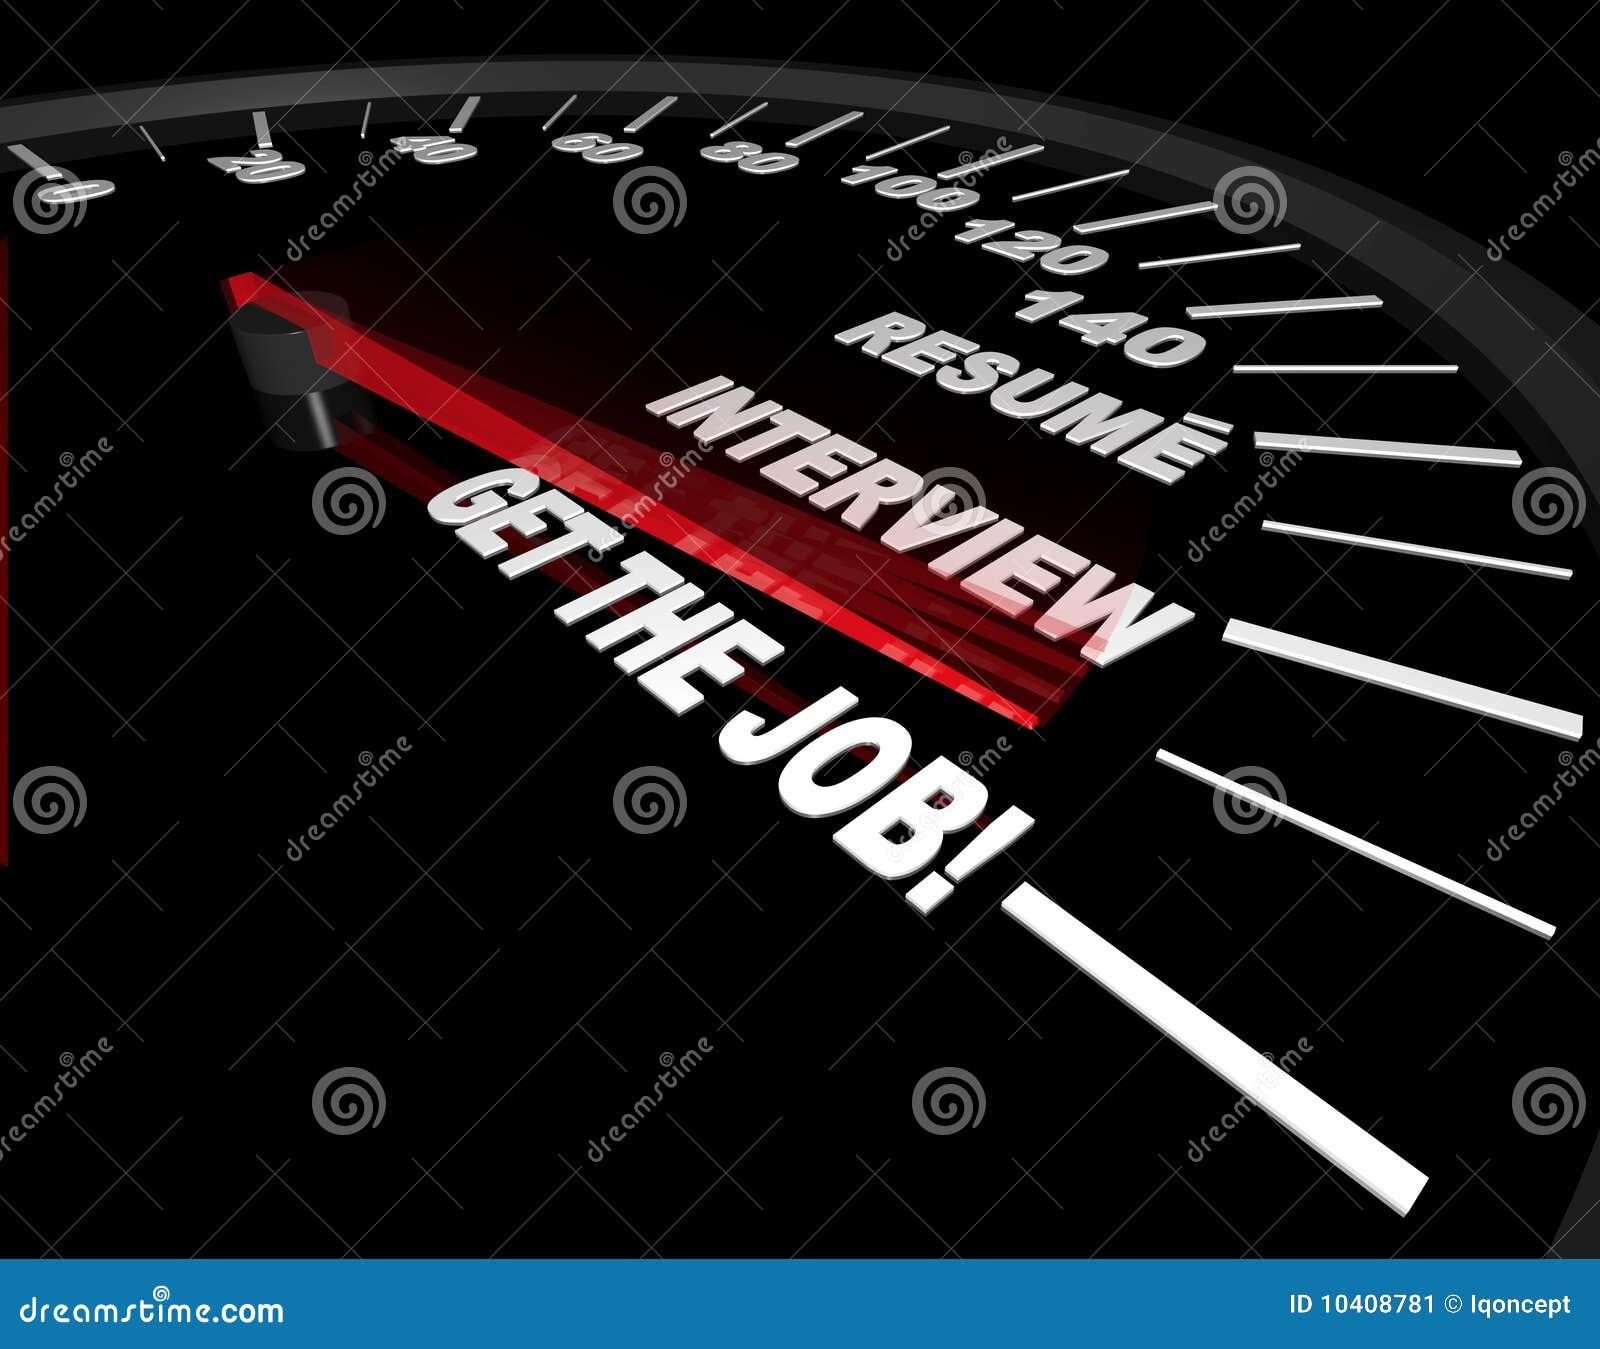 Consiga el trabajo - proceso de la entrevista - velocímetro